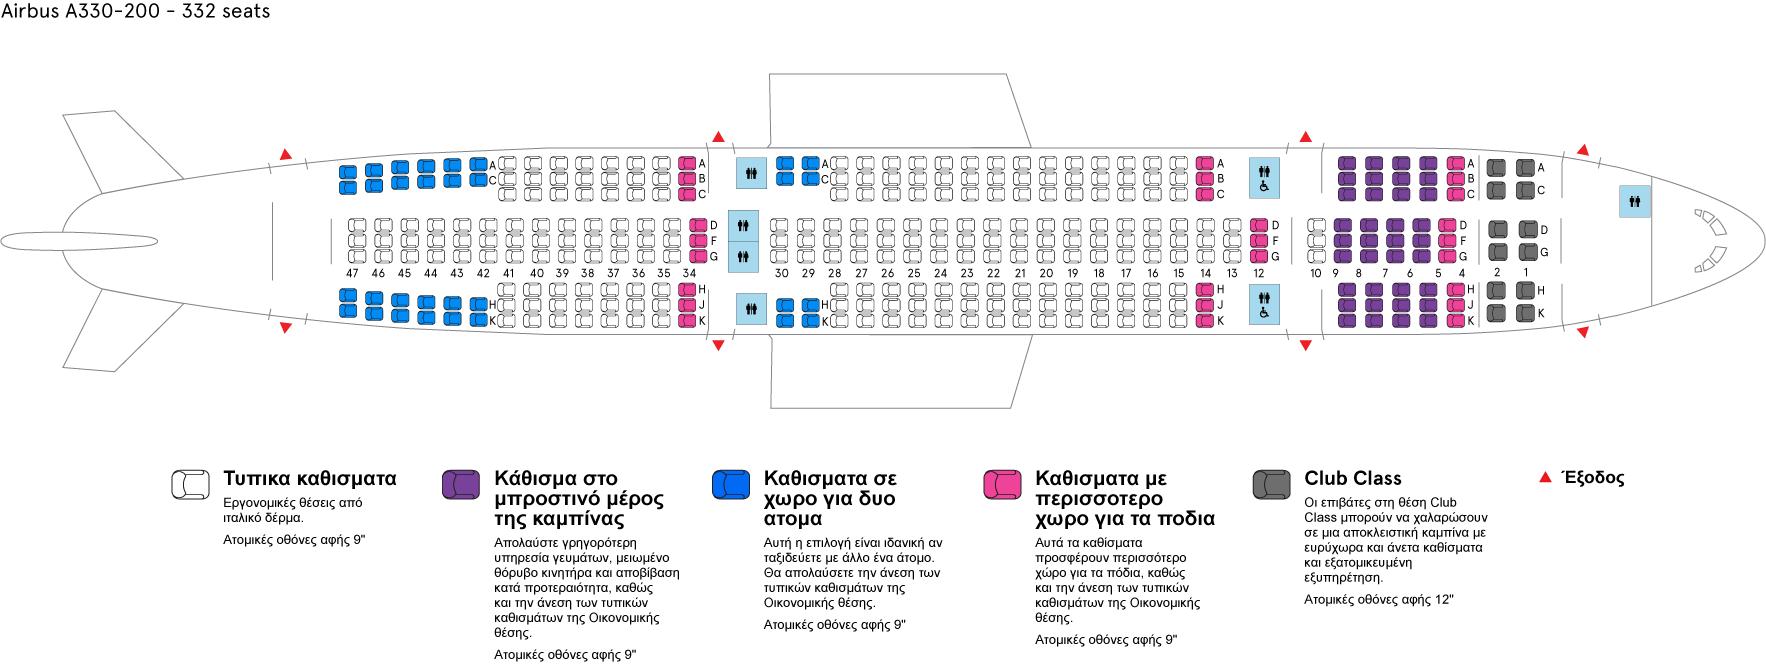 Καμπίνα αεροσκάφους Airbus A330-200 Low Density Air Transat